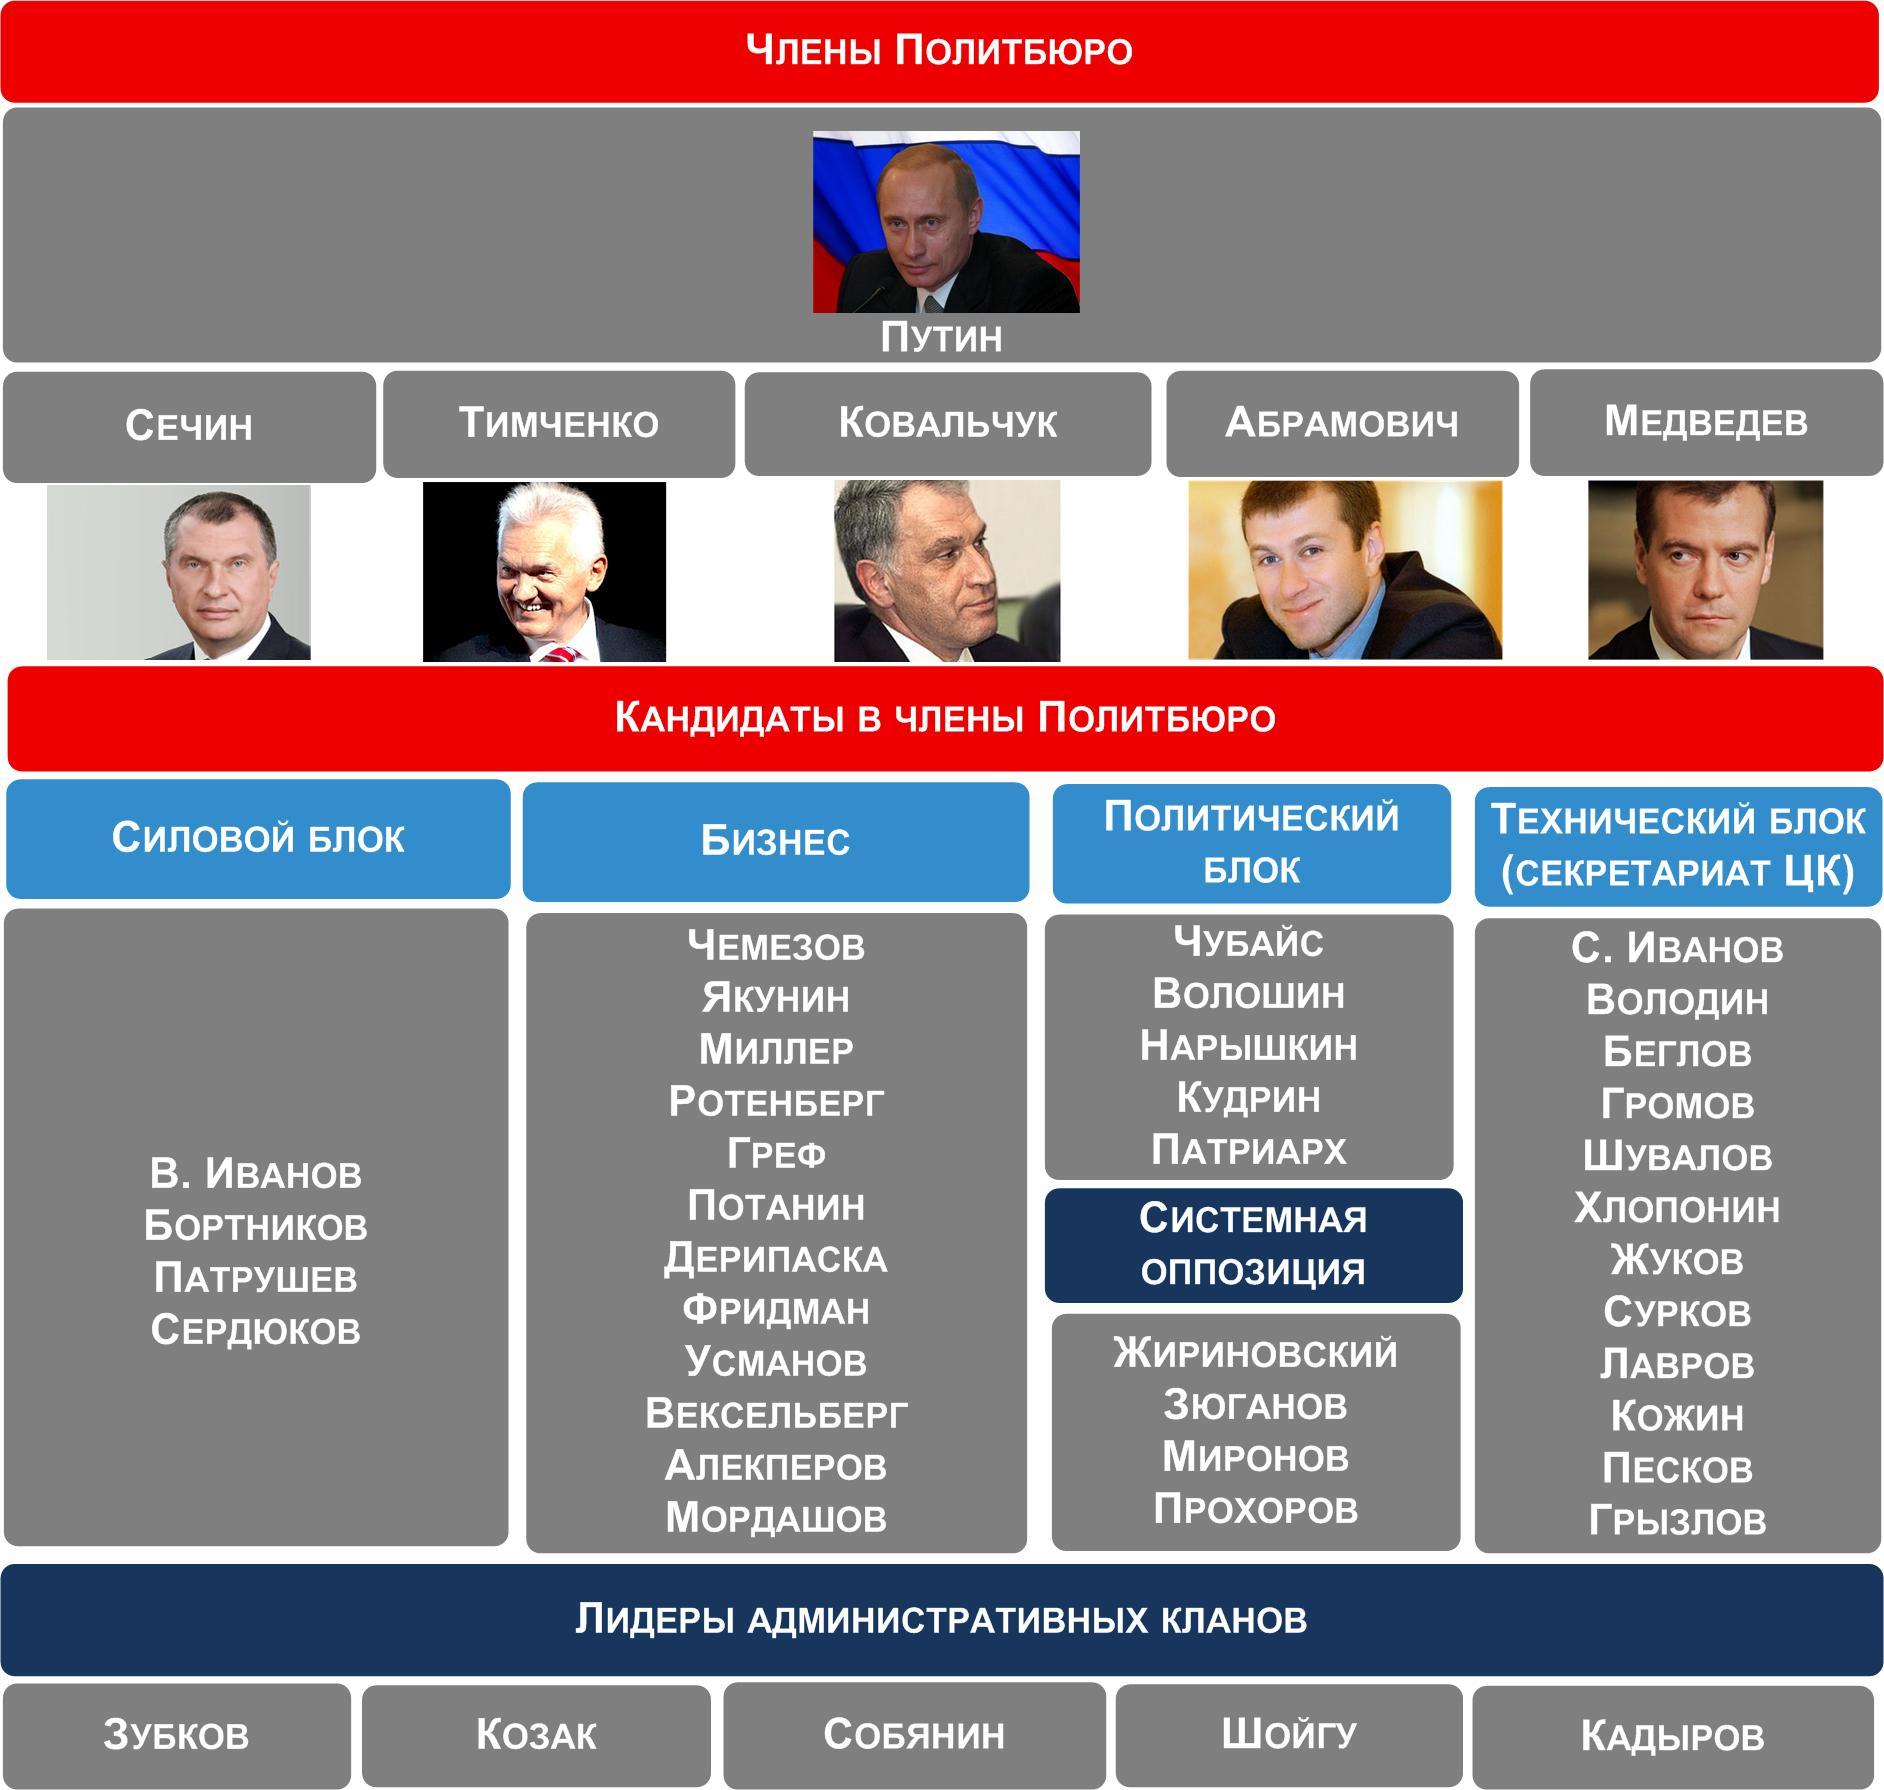 Список членов правительства рф 20 фотография